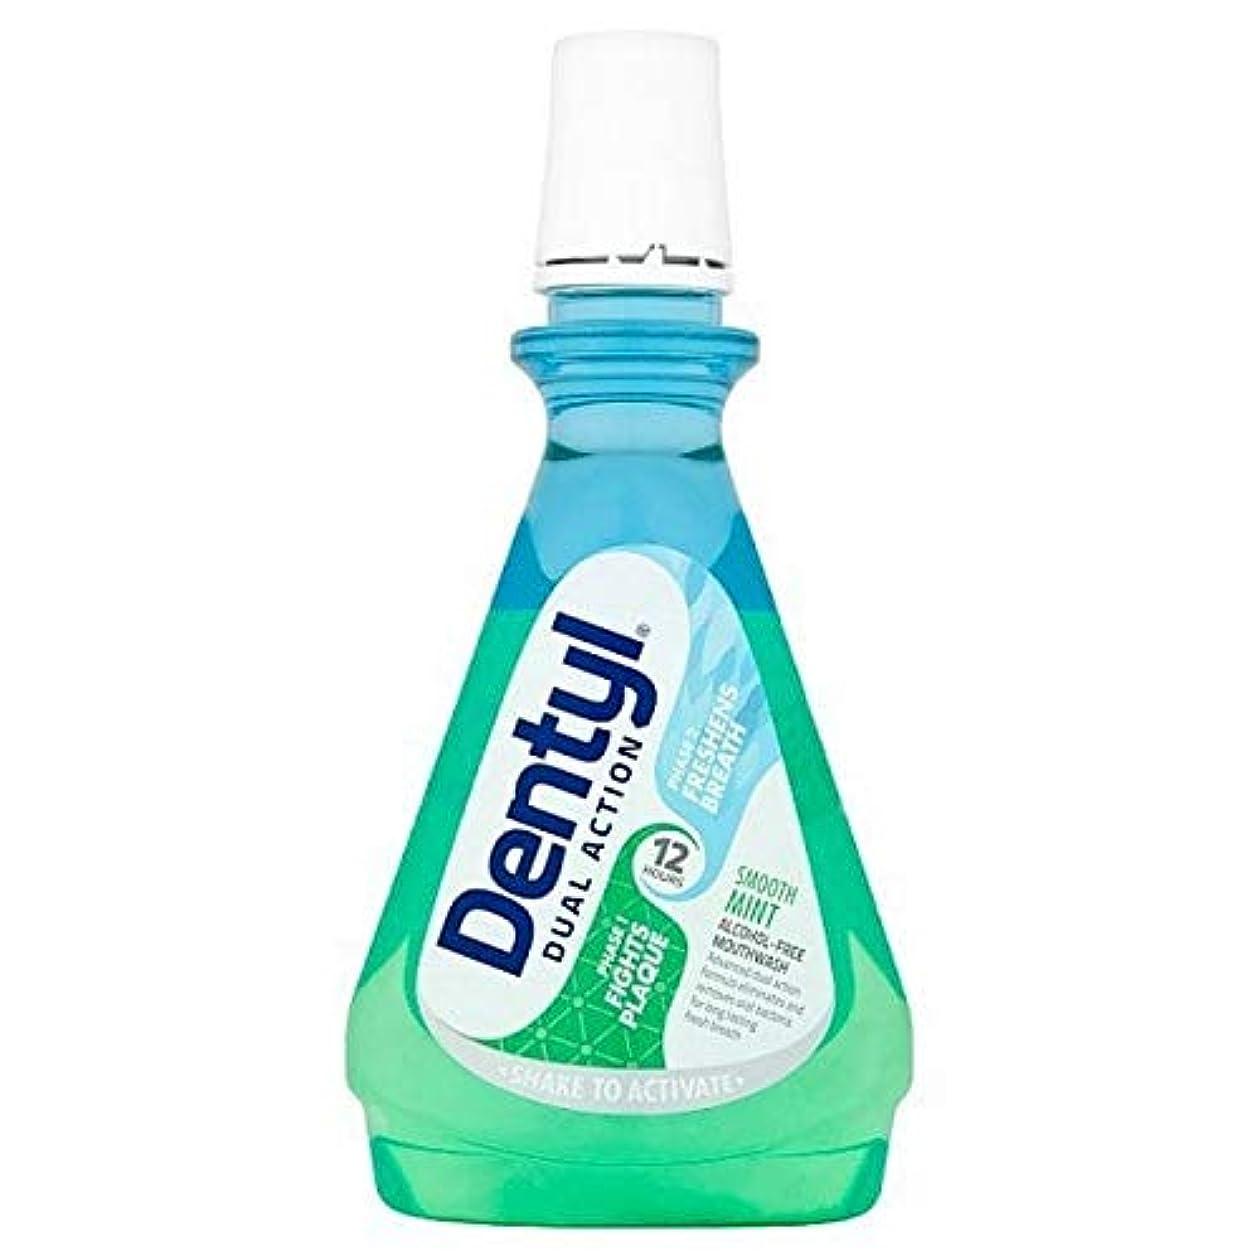 動作アドバイスセミナー[Dentyl] DentylのPhはミントアルコールフリーのミントマウスウォッシュ500ミリリットル - Dentyl PH Mint Alcohol Free Mint Mouthwash 500ml [並行輸入品]